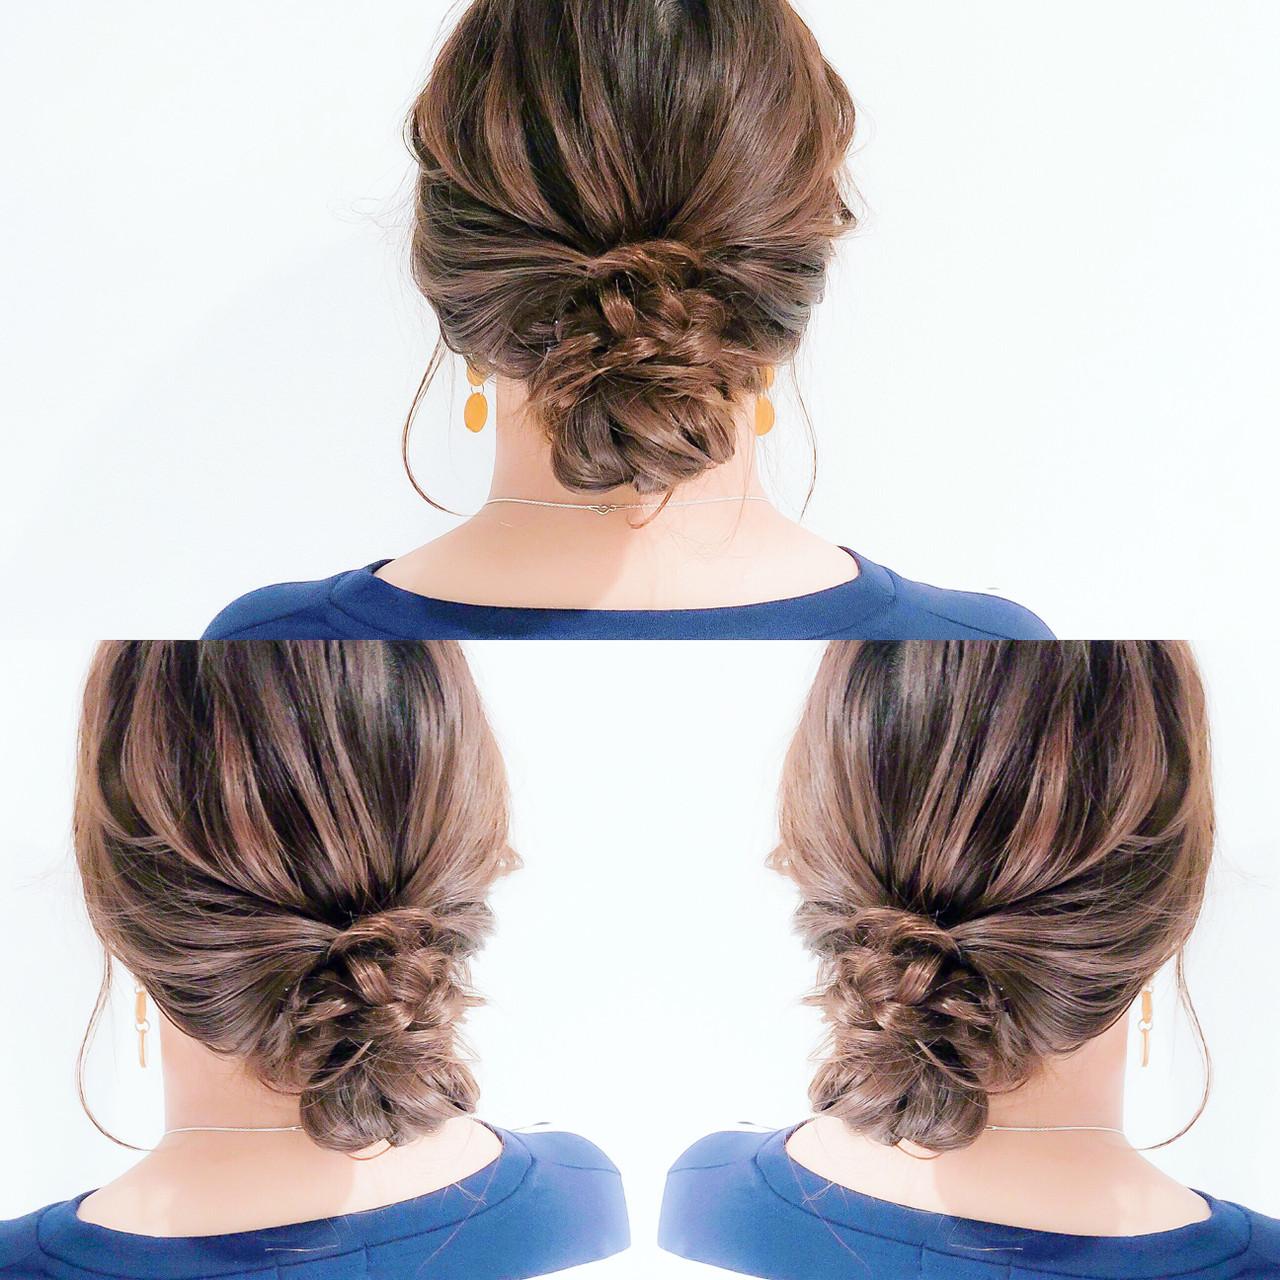 ロング 簡単ヘアアレンジ 三つ編み アップスタイル ヘアスタイルや髪型の写真・画像